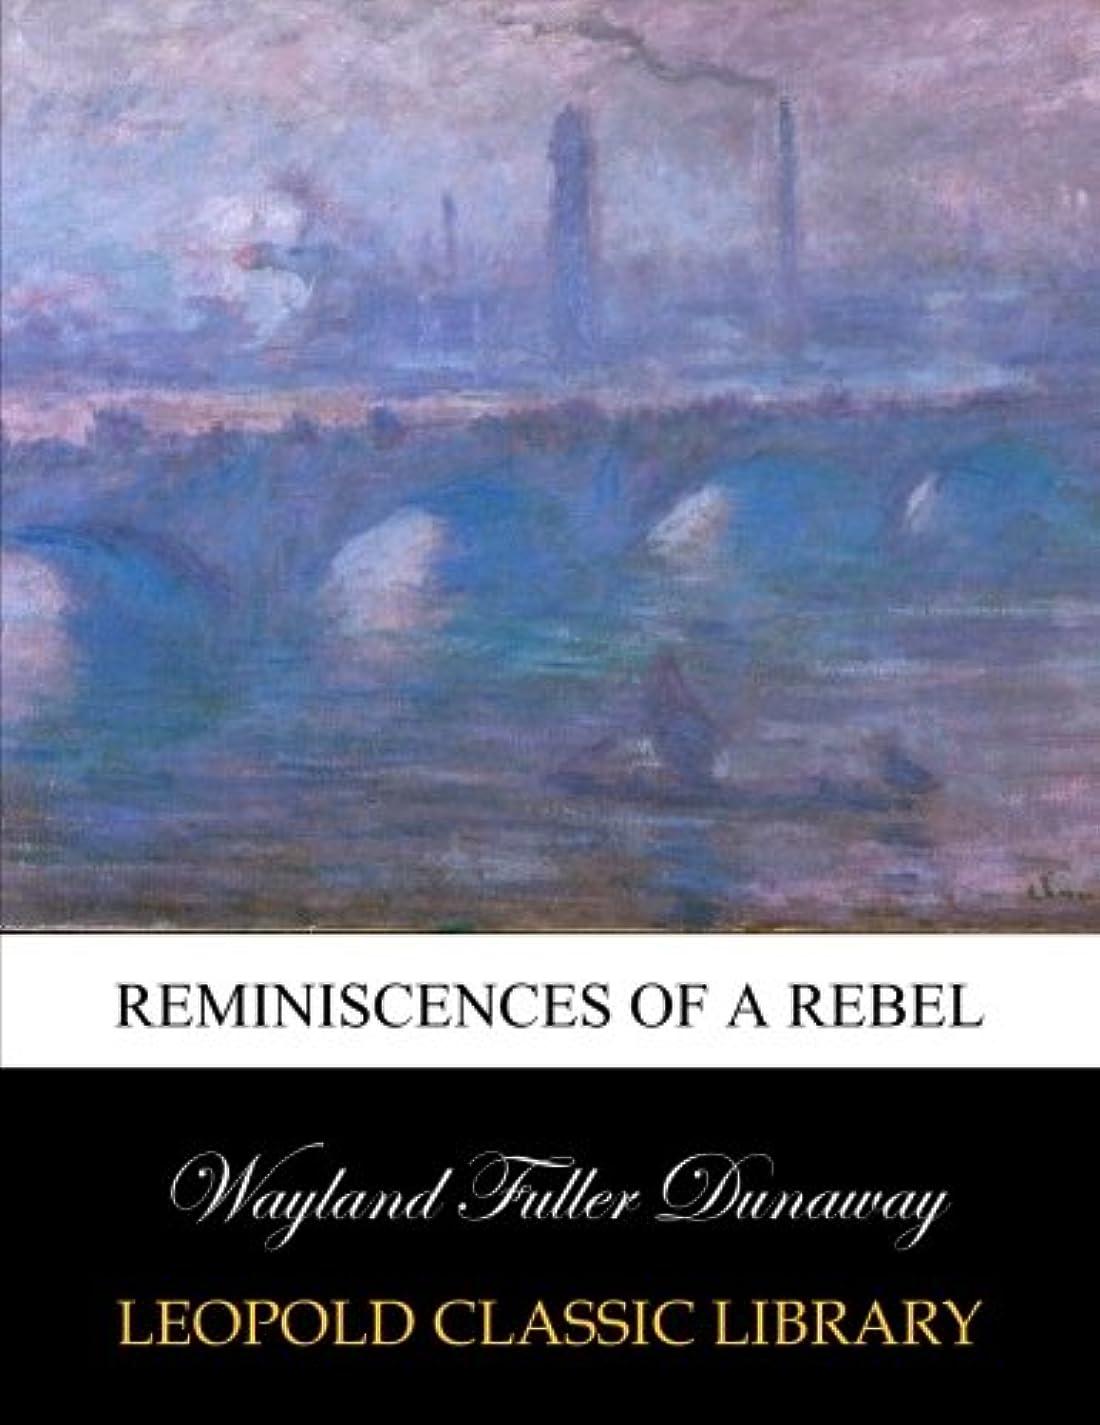 スキームメトロポリタン意欲Reminiscences of a Rebel